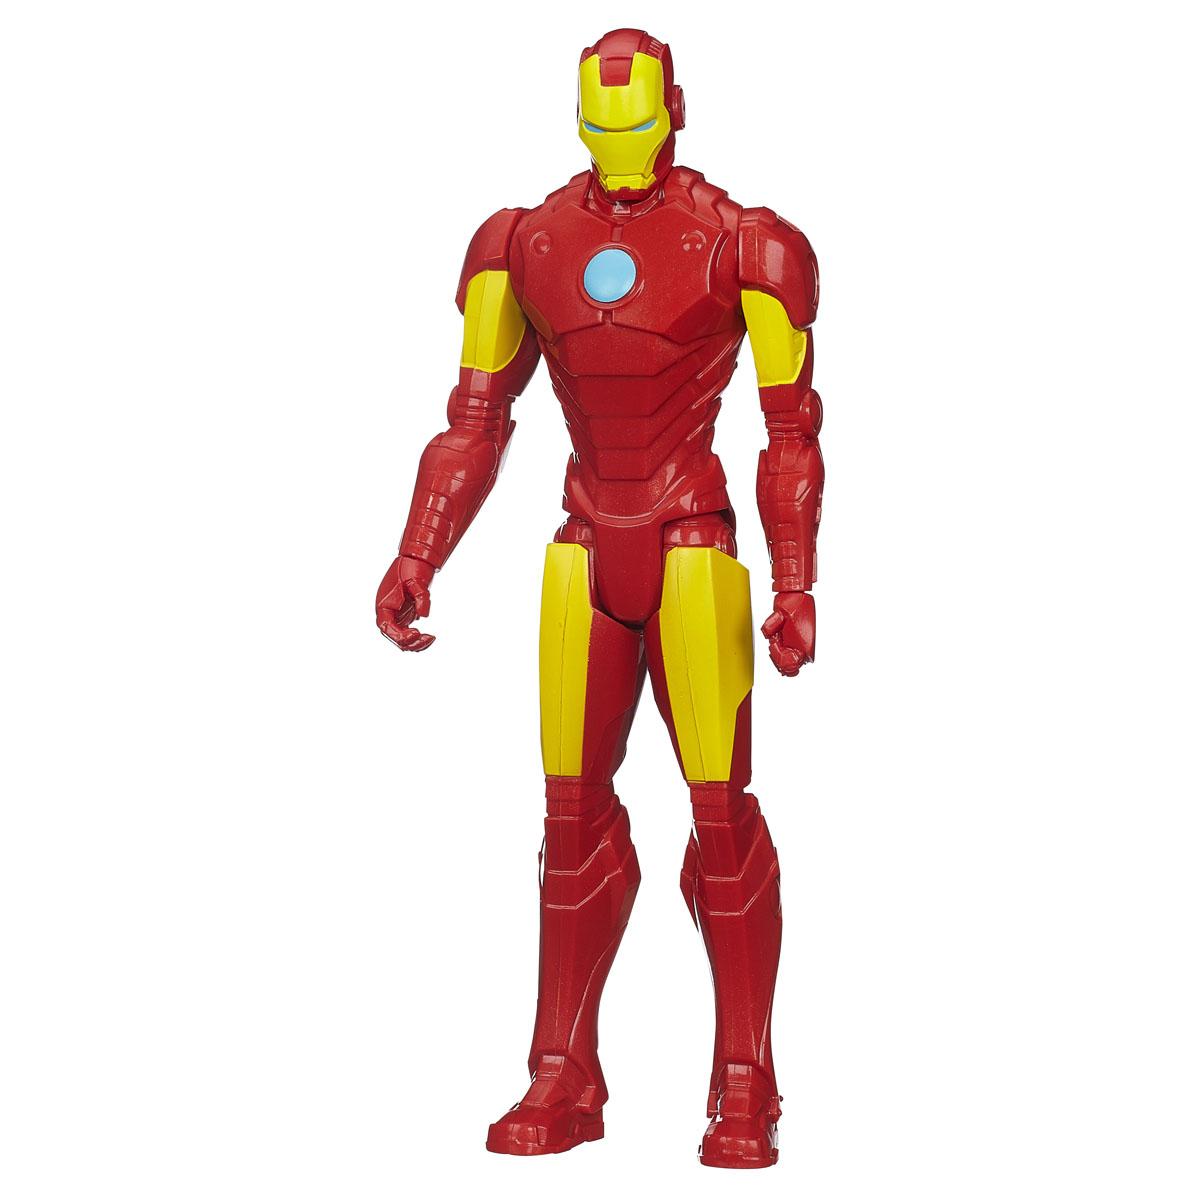 Фигурка Avengers Титаны: Железный человек, 29 смB0434EU4_B1667Фигурка Avengers Титаны: Железный человек порадует любого маленького поклонника знаменитой серии Мстители (Avengers). Фигурка изготовлена из высококачественного прочного пластика и выполнена в виде супергероя Железного человека. Фигурка имеет 5 точек артикуляции - голова, руки, кисти и ноги подвижны. Железный человек - гениальный изобретатель Энтони Старк, создавший высокотехнологичный костюм-броню, чтобы сбежать из плена. Позднее, Старк улучшает свою броню вооружением и устройствами, созданными на базе ресурсов его компании, и использует ее дабы защищать мир в облике Железного человека. Фигурка понравится как детям, так и взрослым коллекционерам, она станет отличным сувениром или займет достойное место в коллекции любого поклонника комиксов о непобедимых Мстителях.